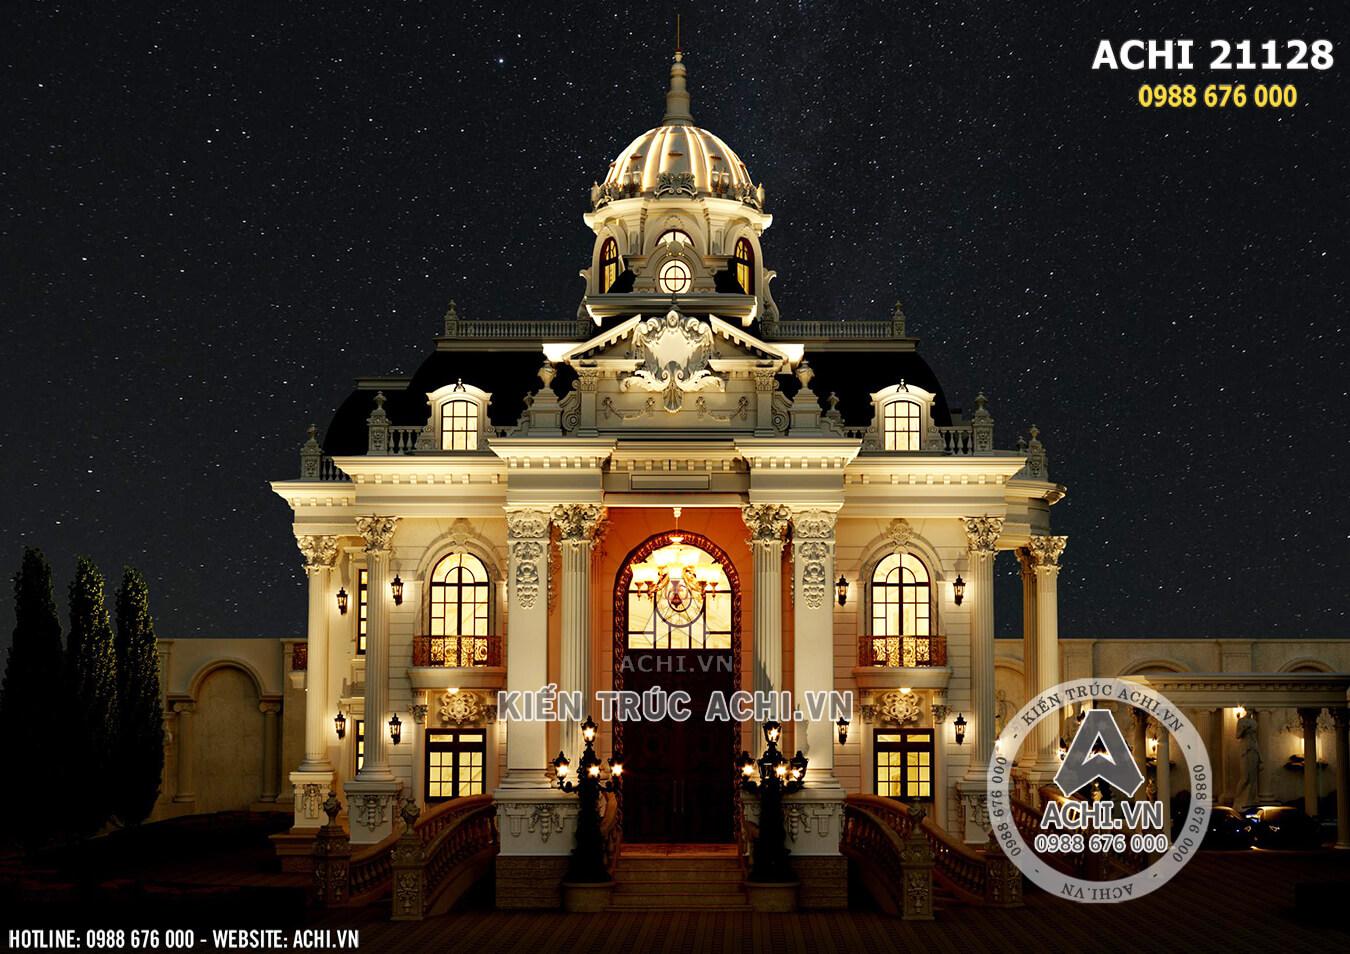 Tòa dinh thự sang trọng và đẳng cấp với kiến trúc tân cổ điển